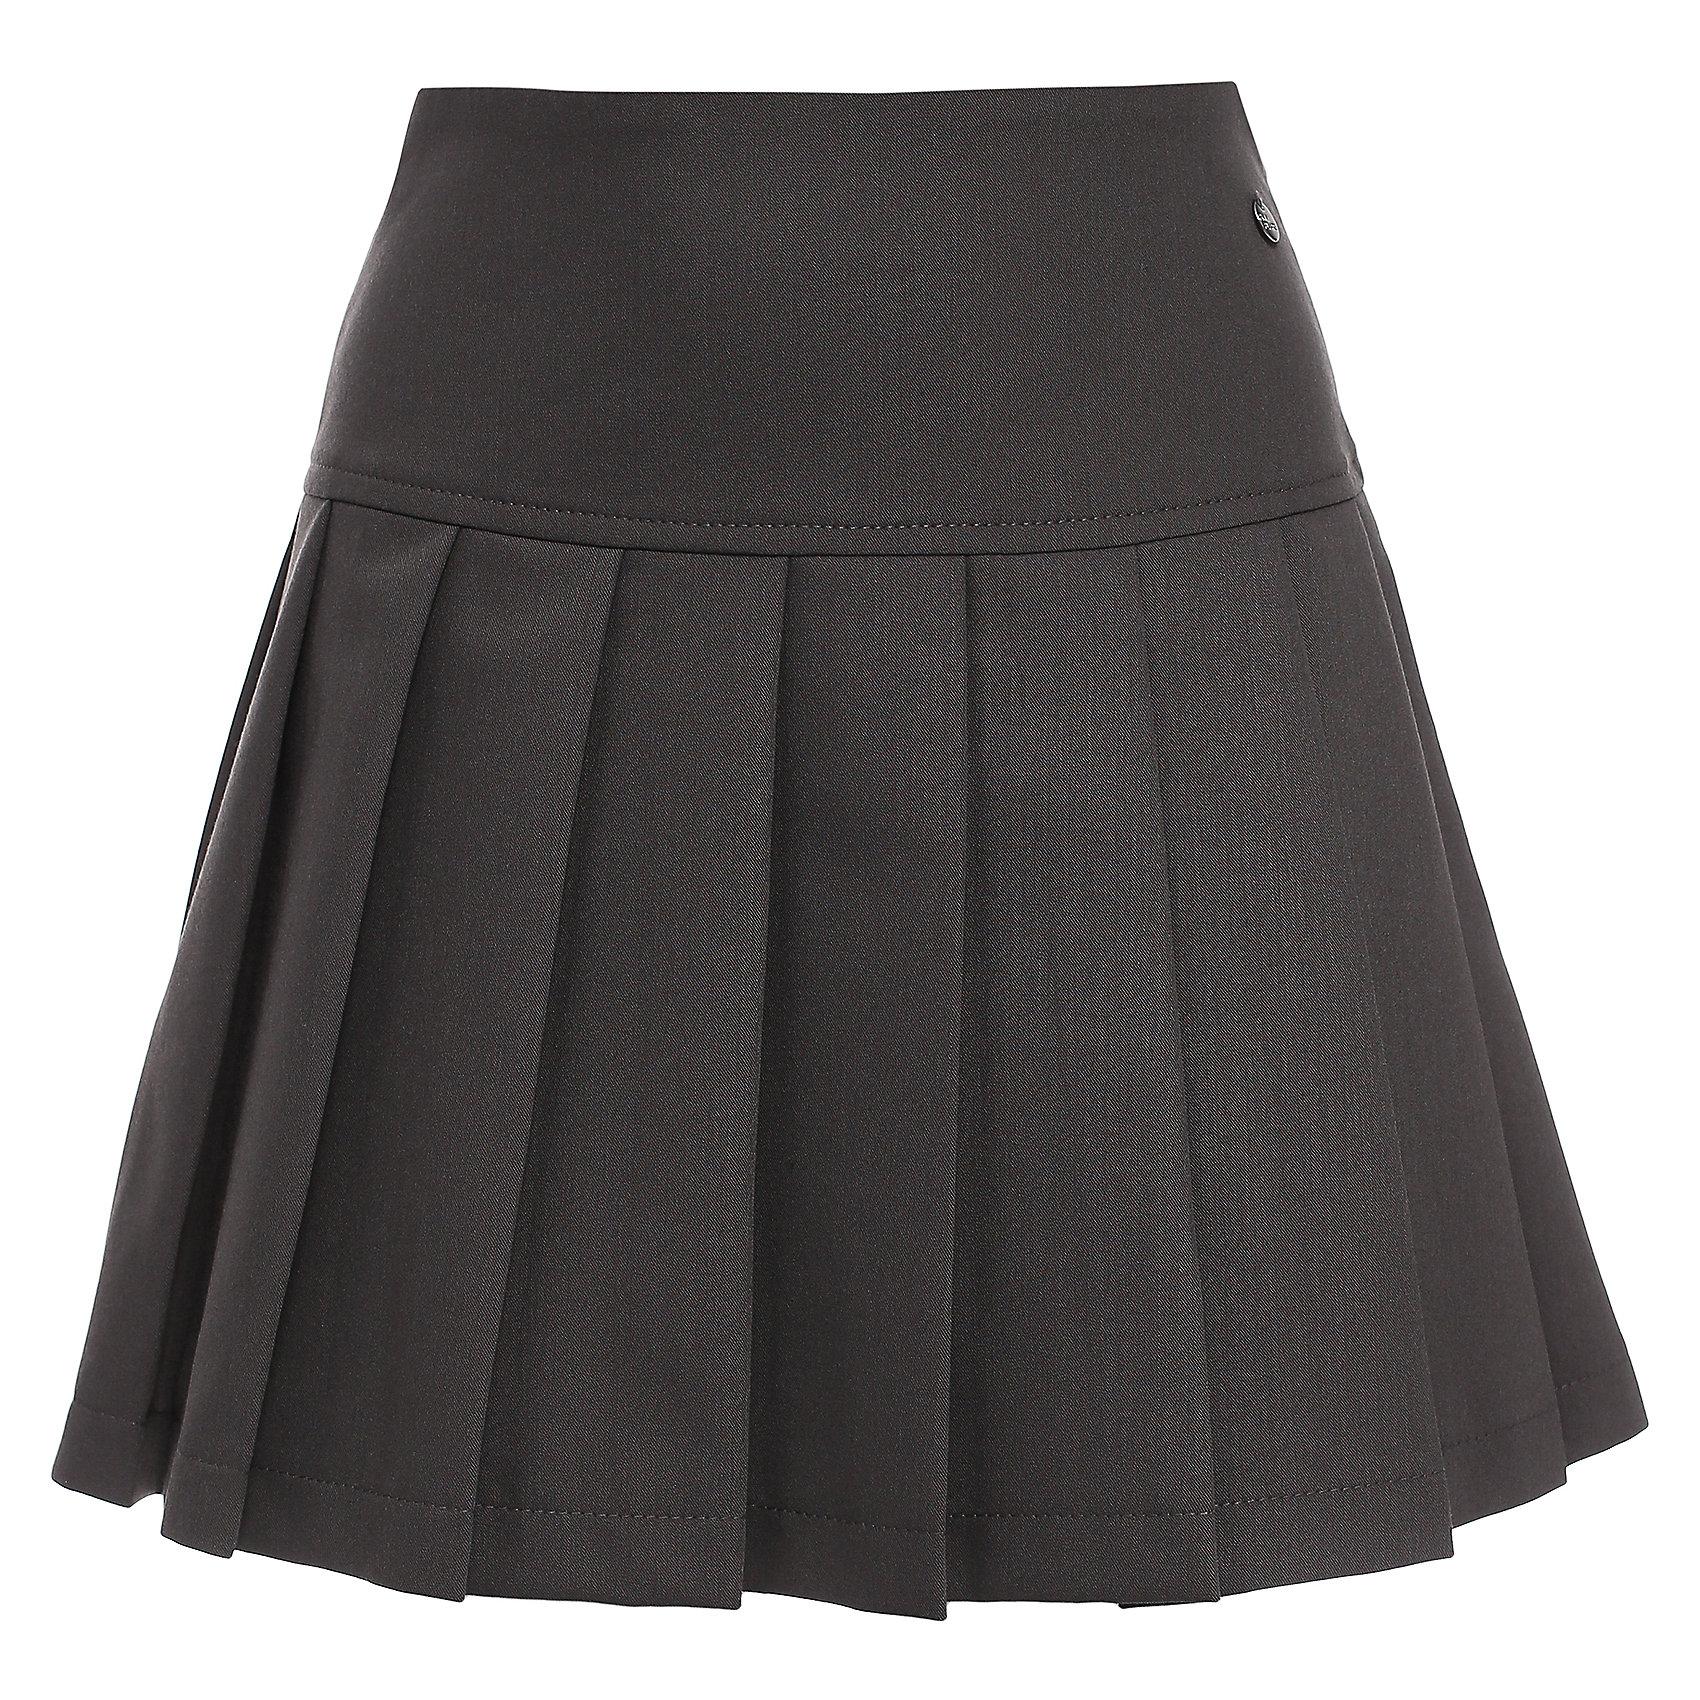 Юбка для девочки Finn FlareЮбка известной марки Finn Flare.<br><br>Школьная юбка со складками по всей окружности предназначена для повседневной носки, сочетается как с блузами и пиджаками, так и с джемперами. Юбка имеет широкий пояс, боковую молнию, украшена маленькой декоративной пуговицей. <br><br>Фактура материала: Текстильный<br>Вид застежки: Молния<br>Тип карманов: Без карманов<br><br>Состав: 65% полиэстер, 33% вискоза, 2% эластан<br>Подкладка: 100% полиэстер<br><br>Юбку для девочки Finn Flare можно купить в нашем интернет-магазине.<br><br>Ширина мм: 207<br>Глубина мм: 10<br>Высота мм: 189<br>Вес г: 183<br>Цвет: серый<br>Возраст от месяцев: 108<br>Возраст до месяцев: 120<br>Пол: Женский<br>Возраст: Детский<br>Размер: 158,152,146,134,128,122,116,140<br>SKU: 4890149